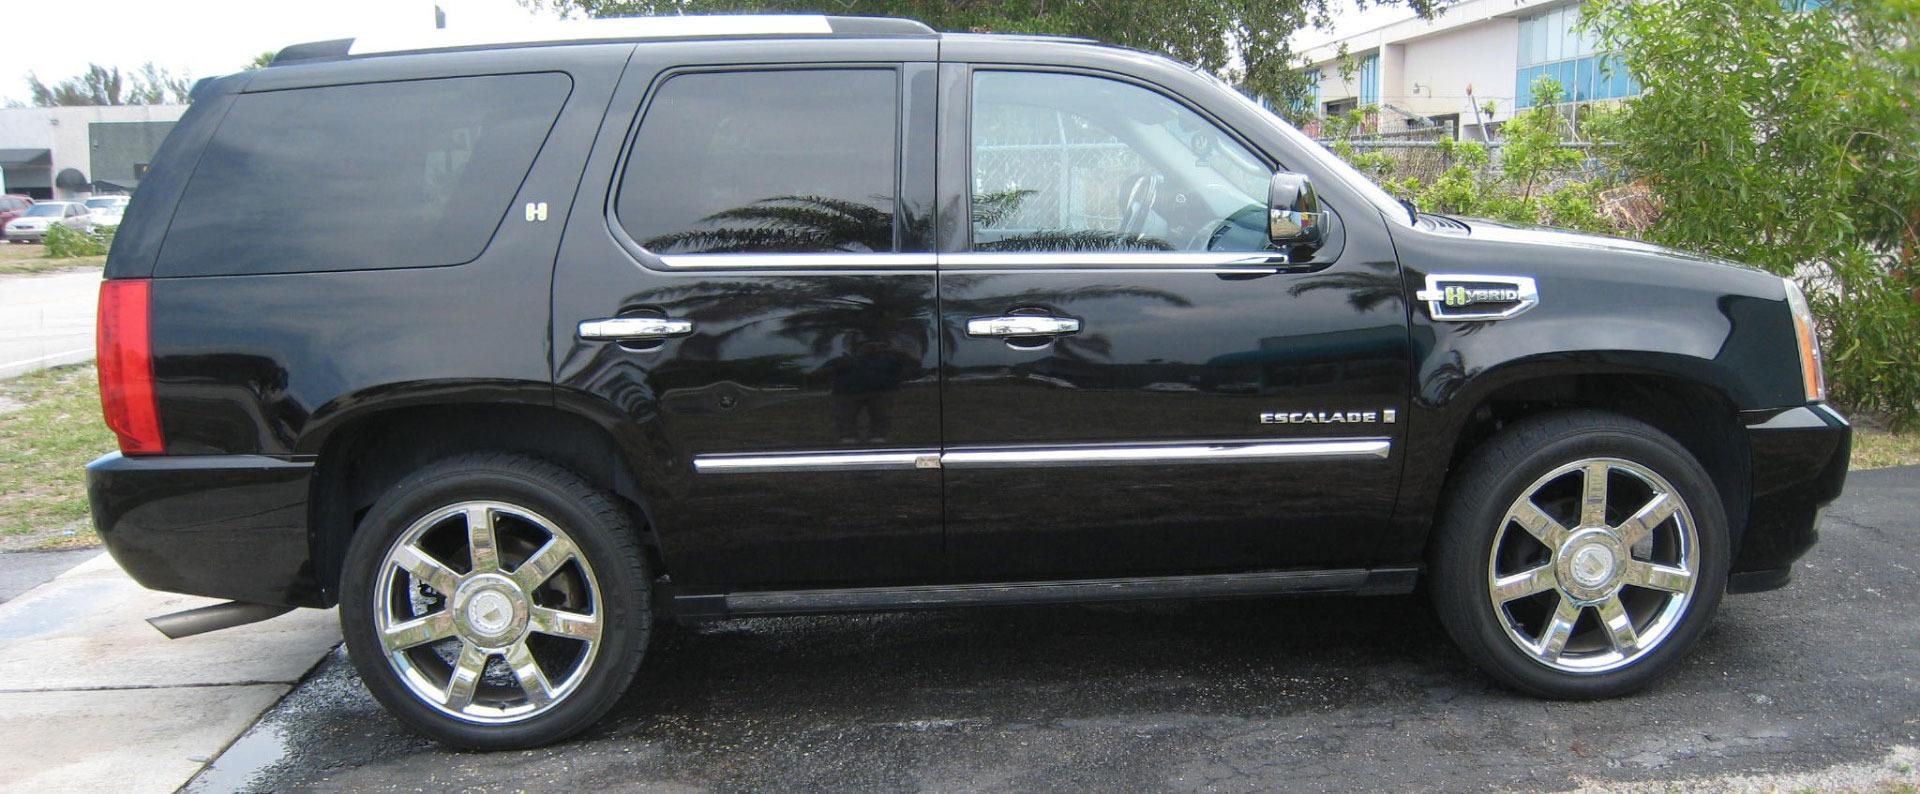 Used 2009 Cadillac Escalade Hybrid  | Miami, FL